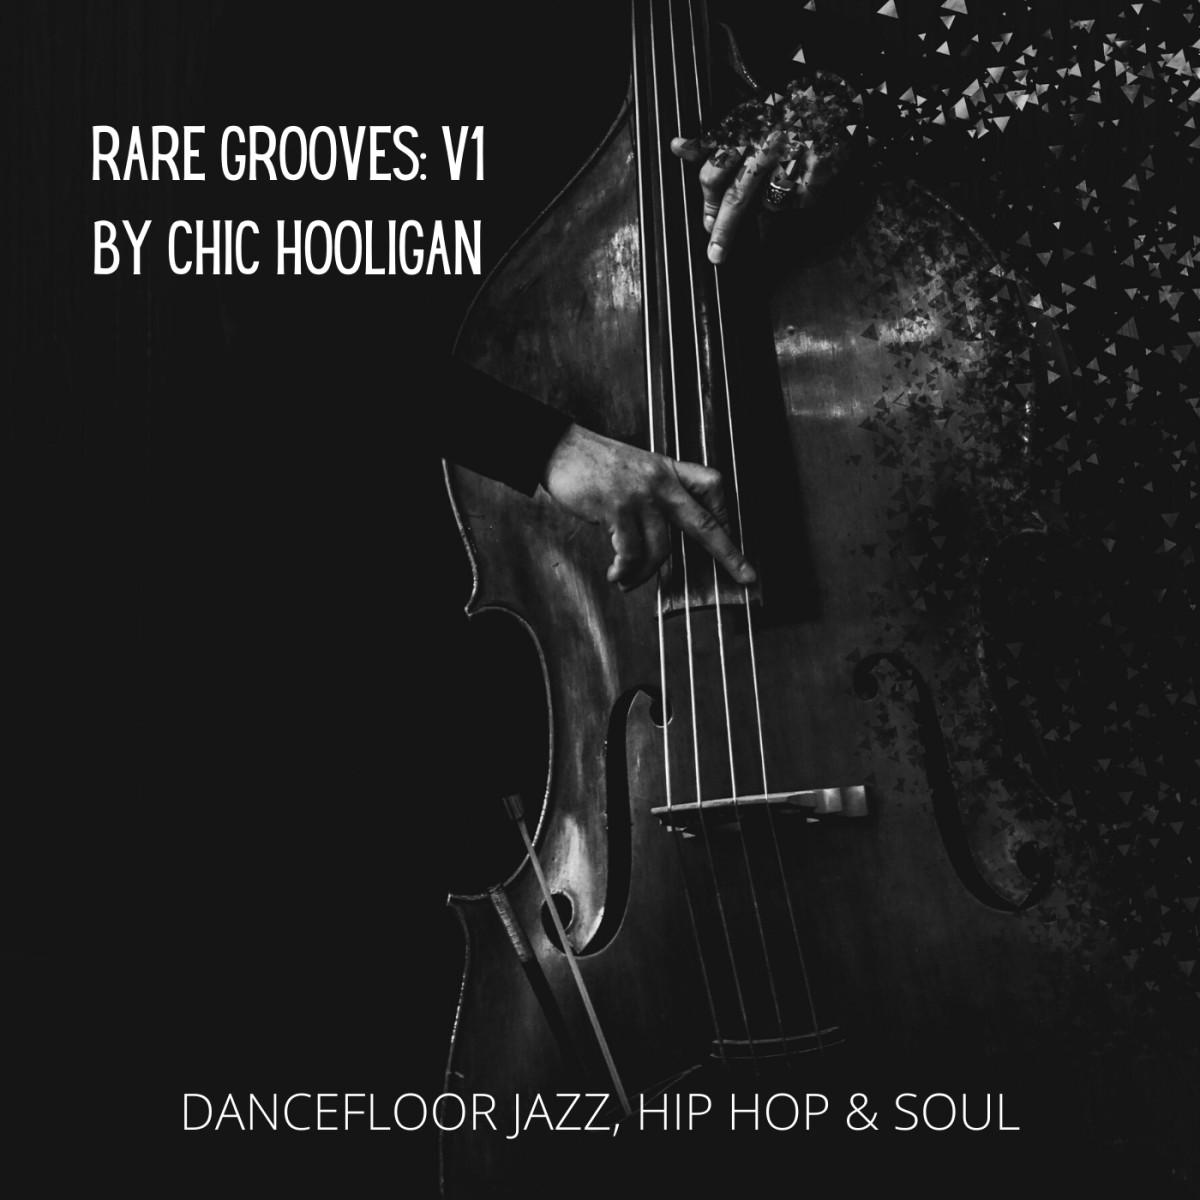 Chic Hooligan Rare Grooves V1